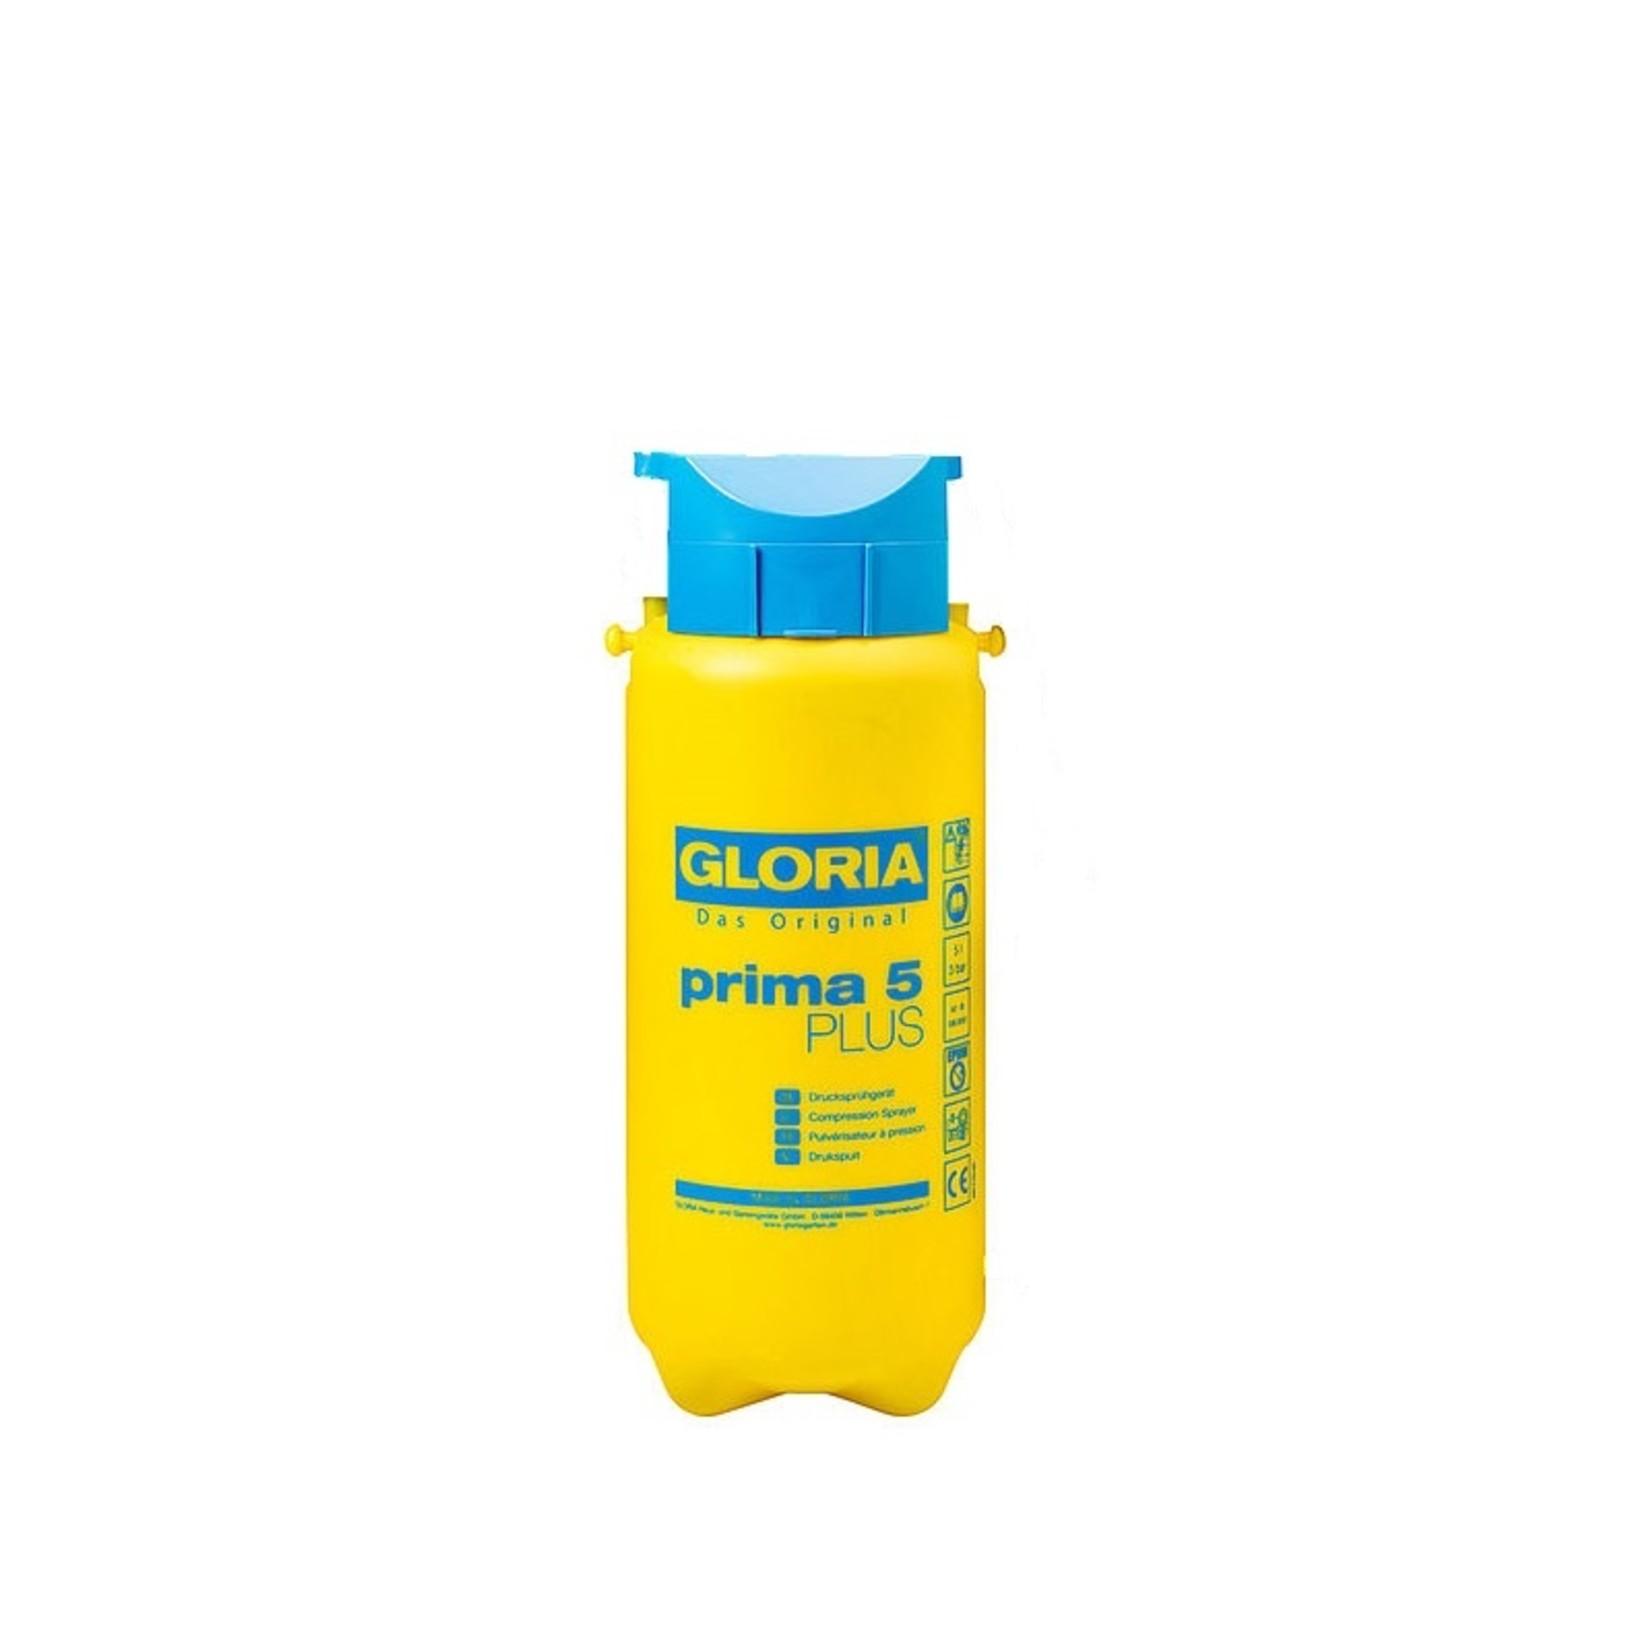 Gloria onderdelen losse gele tank voor Prima 5 modellen incl. vultrechter